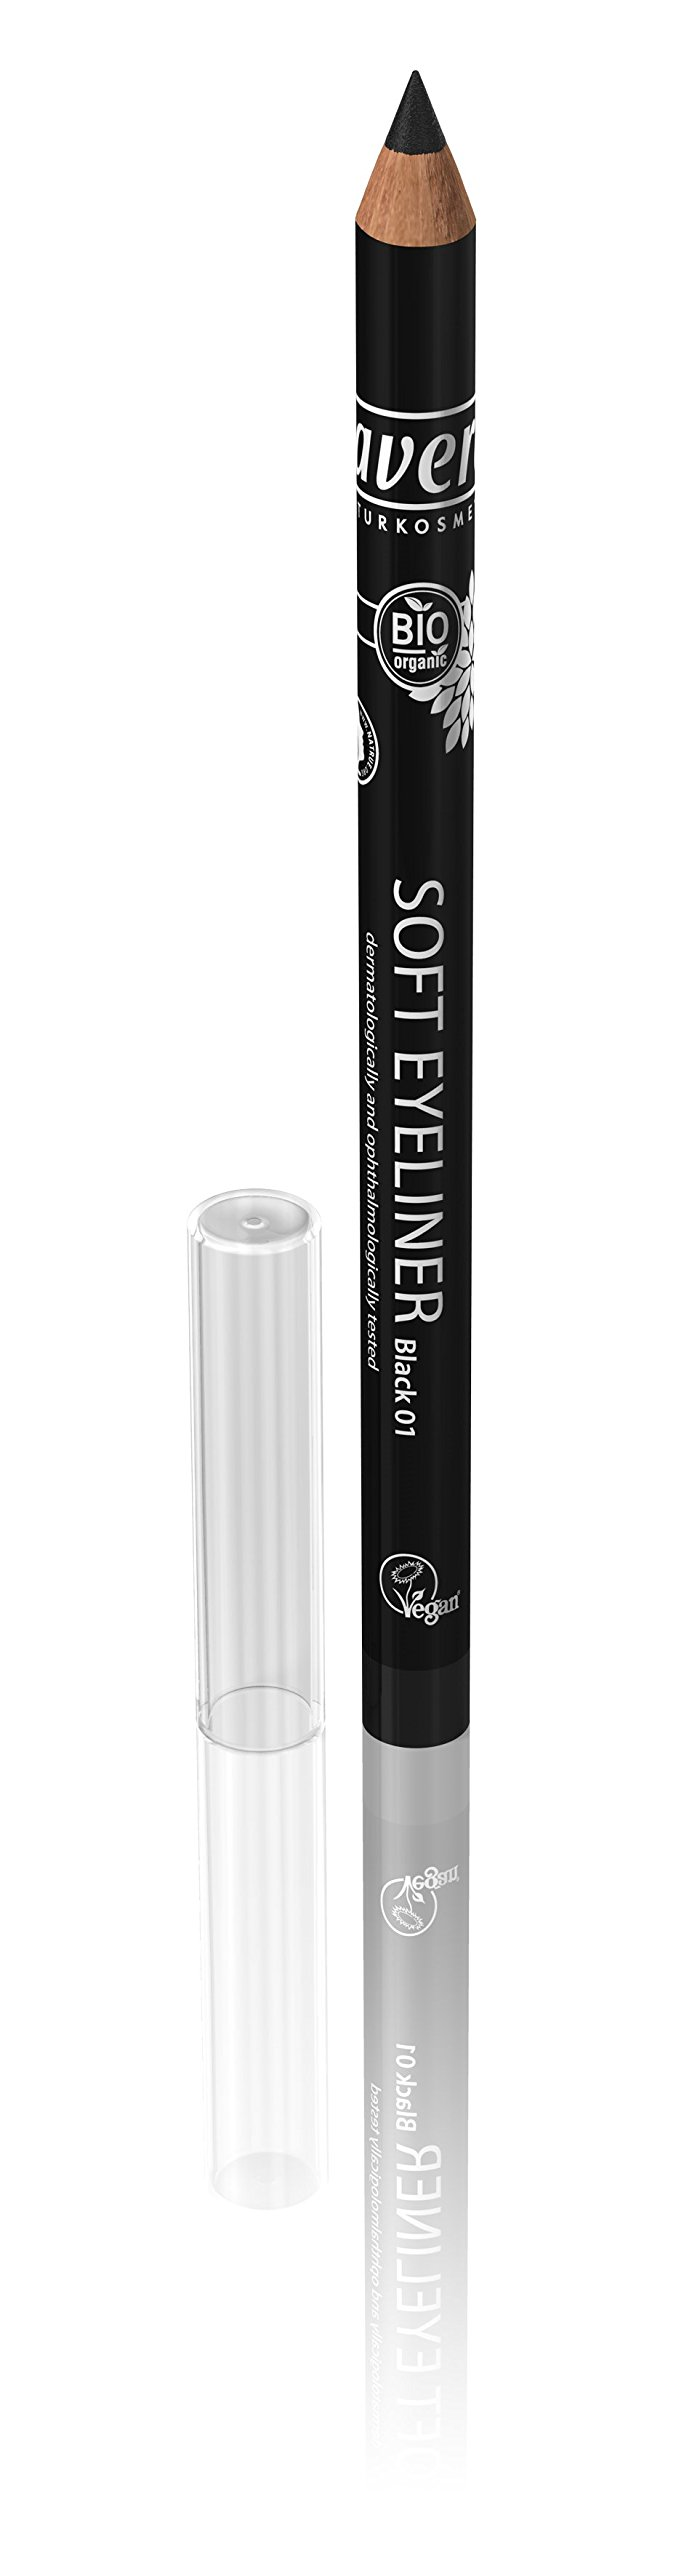 Laverea Soft Eyeliner - Black #01